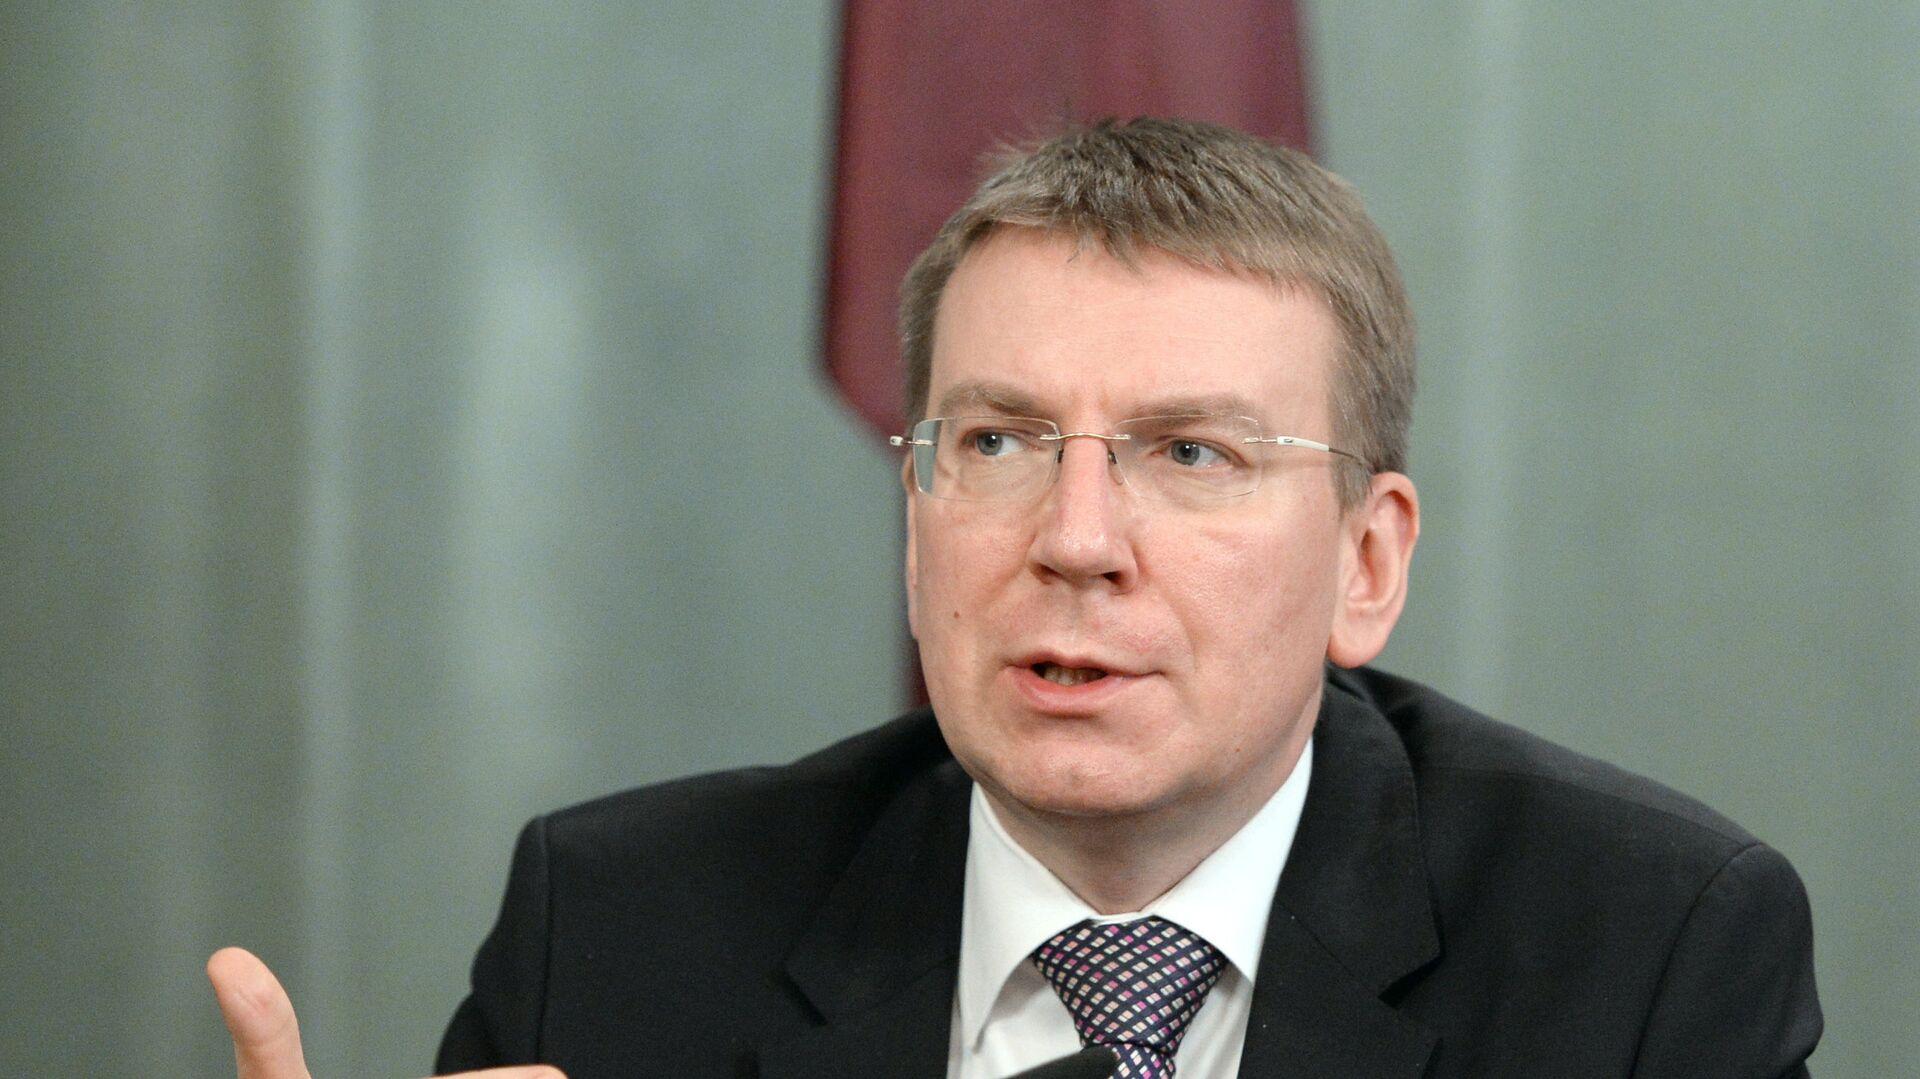 Latvian Foreign Affairs Minister Edgars Rinkevics - Sputnik Italia, 1920, 09.08.2021